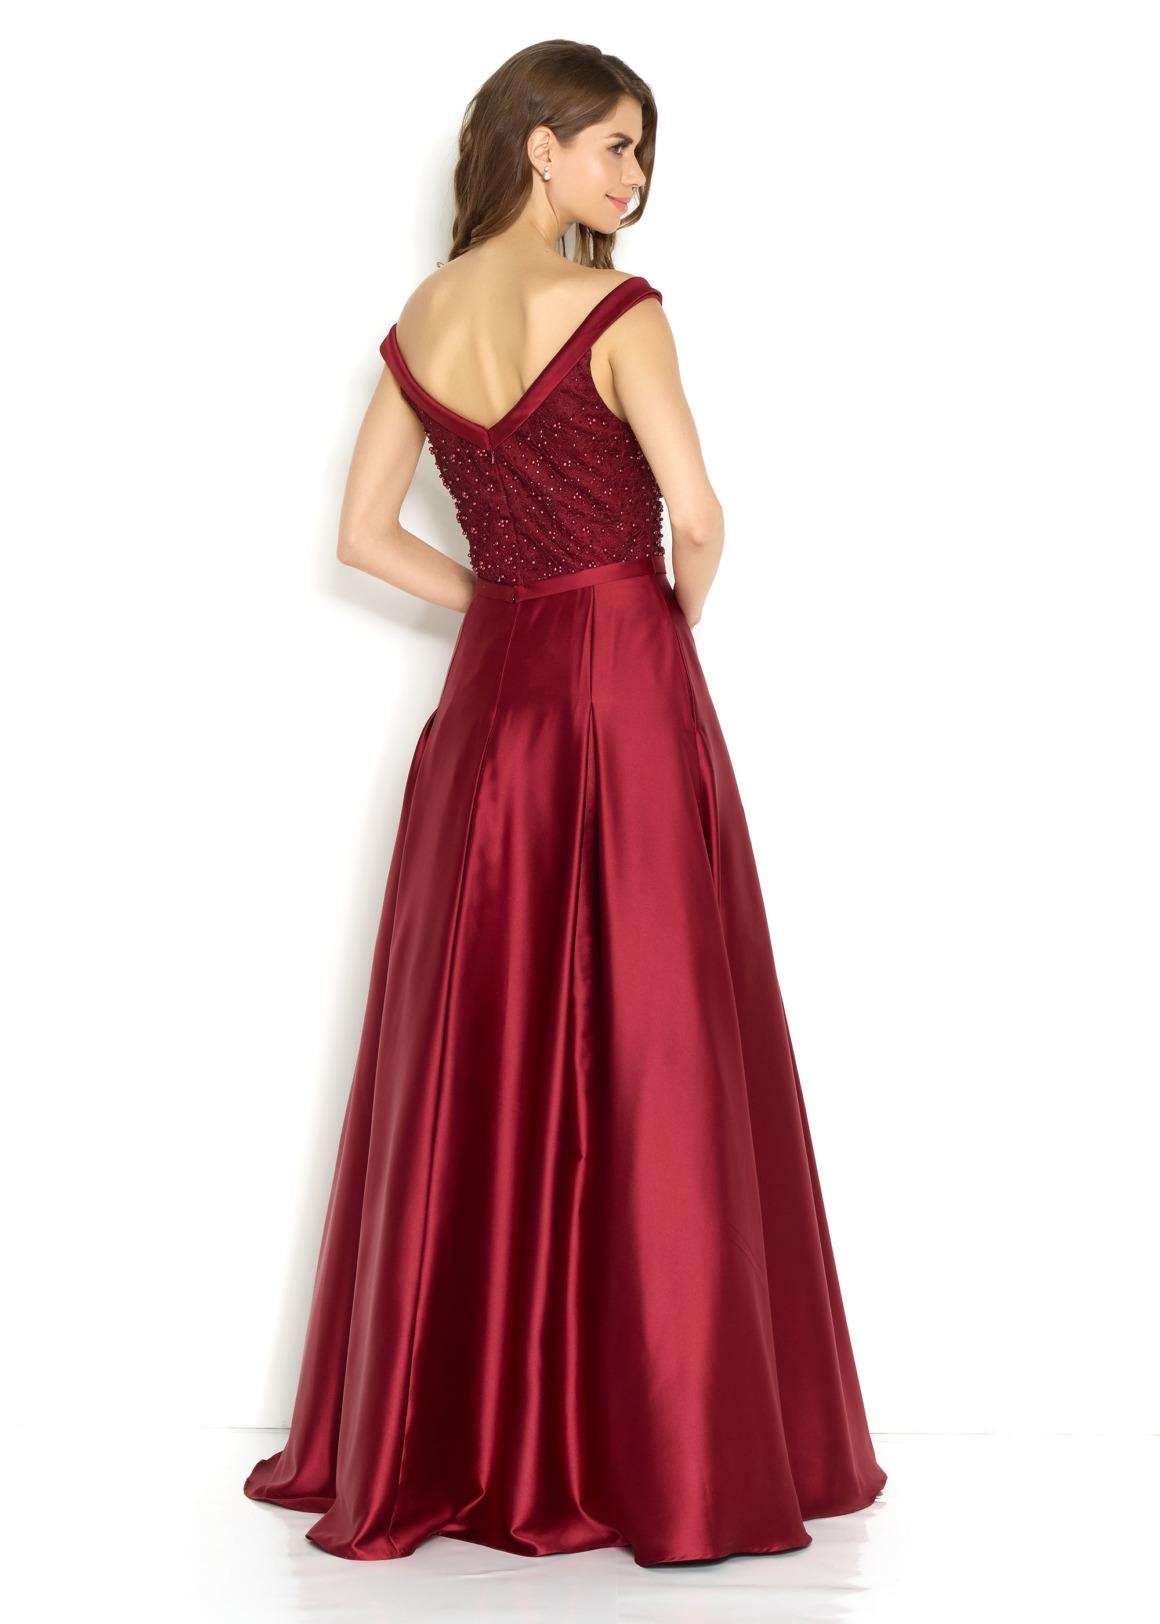 Schützenfest Königinnenkleid Hofdamen Hofstaat langes Kleid Oberteil mit Perlen bordeaux rot dunkelrot burgund Satin Rock mit Taschen Carmenausschnitt Rückenansicht